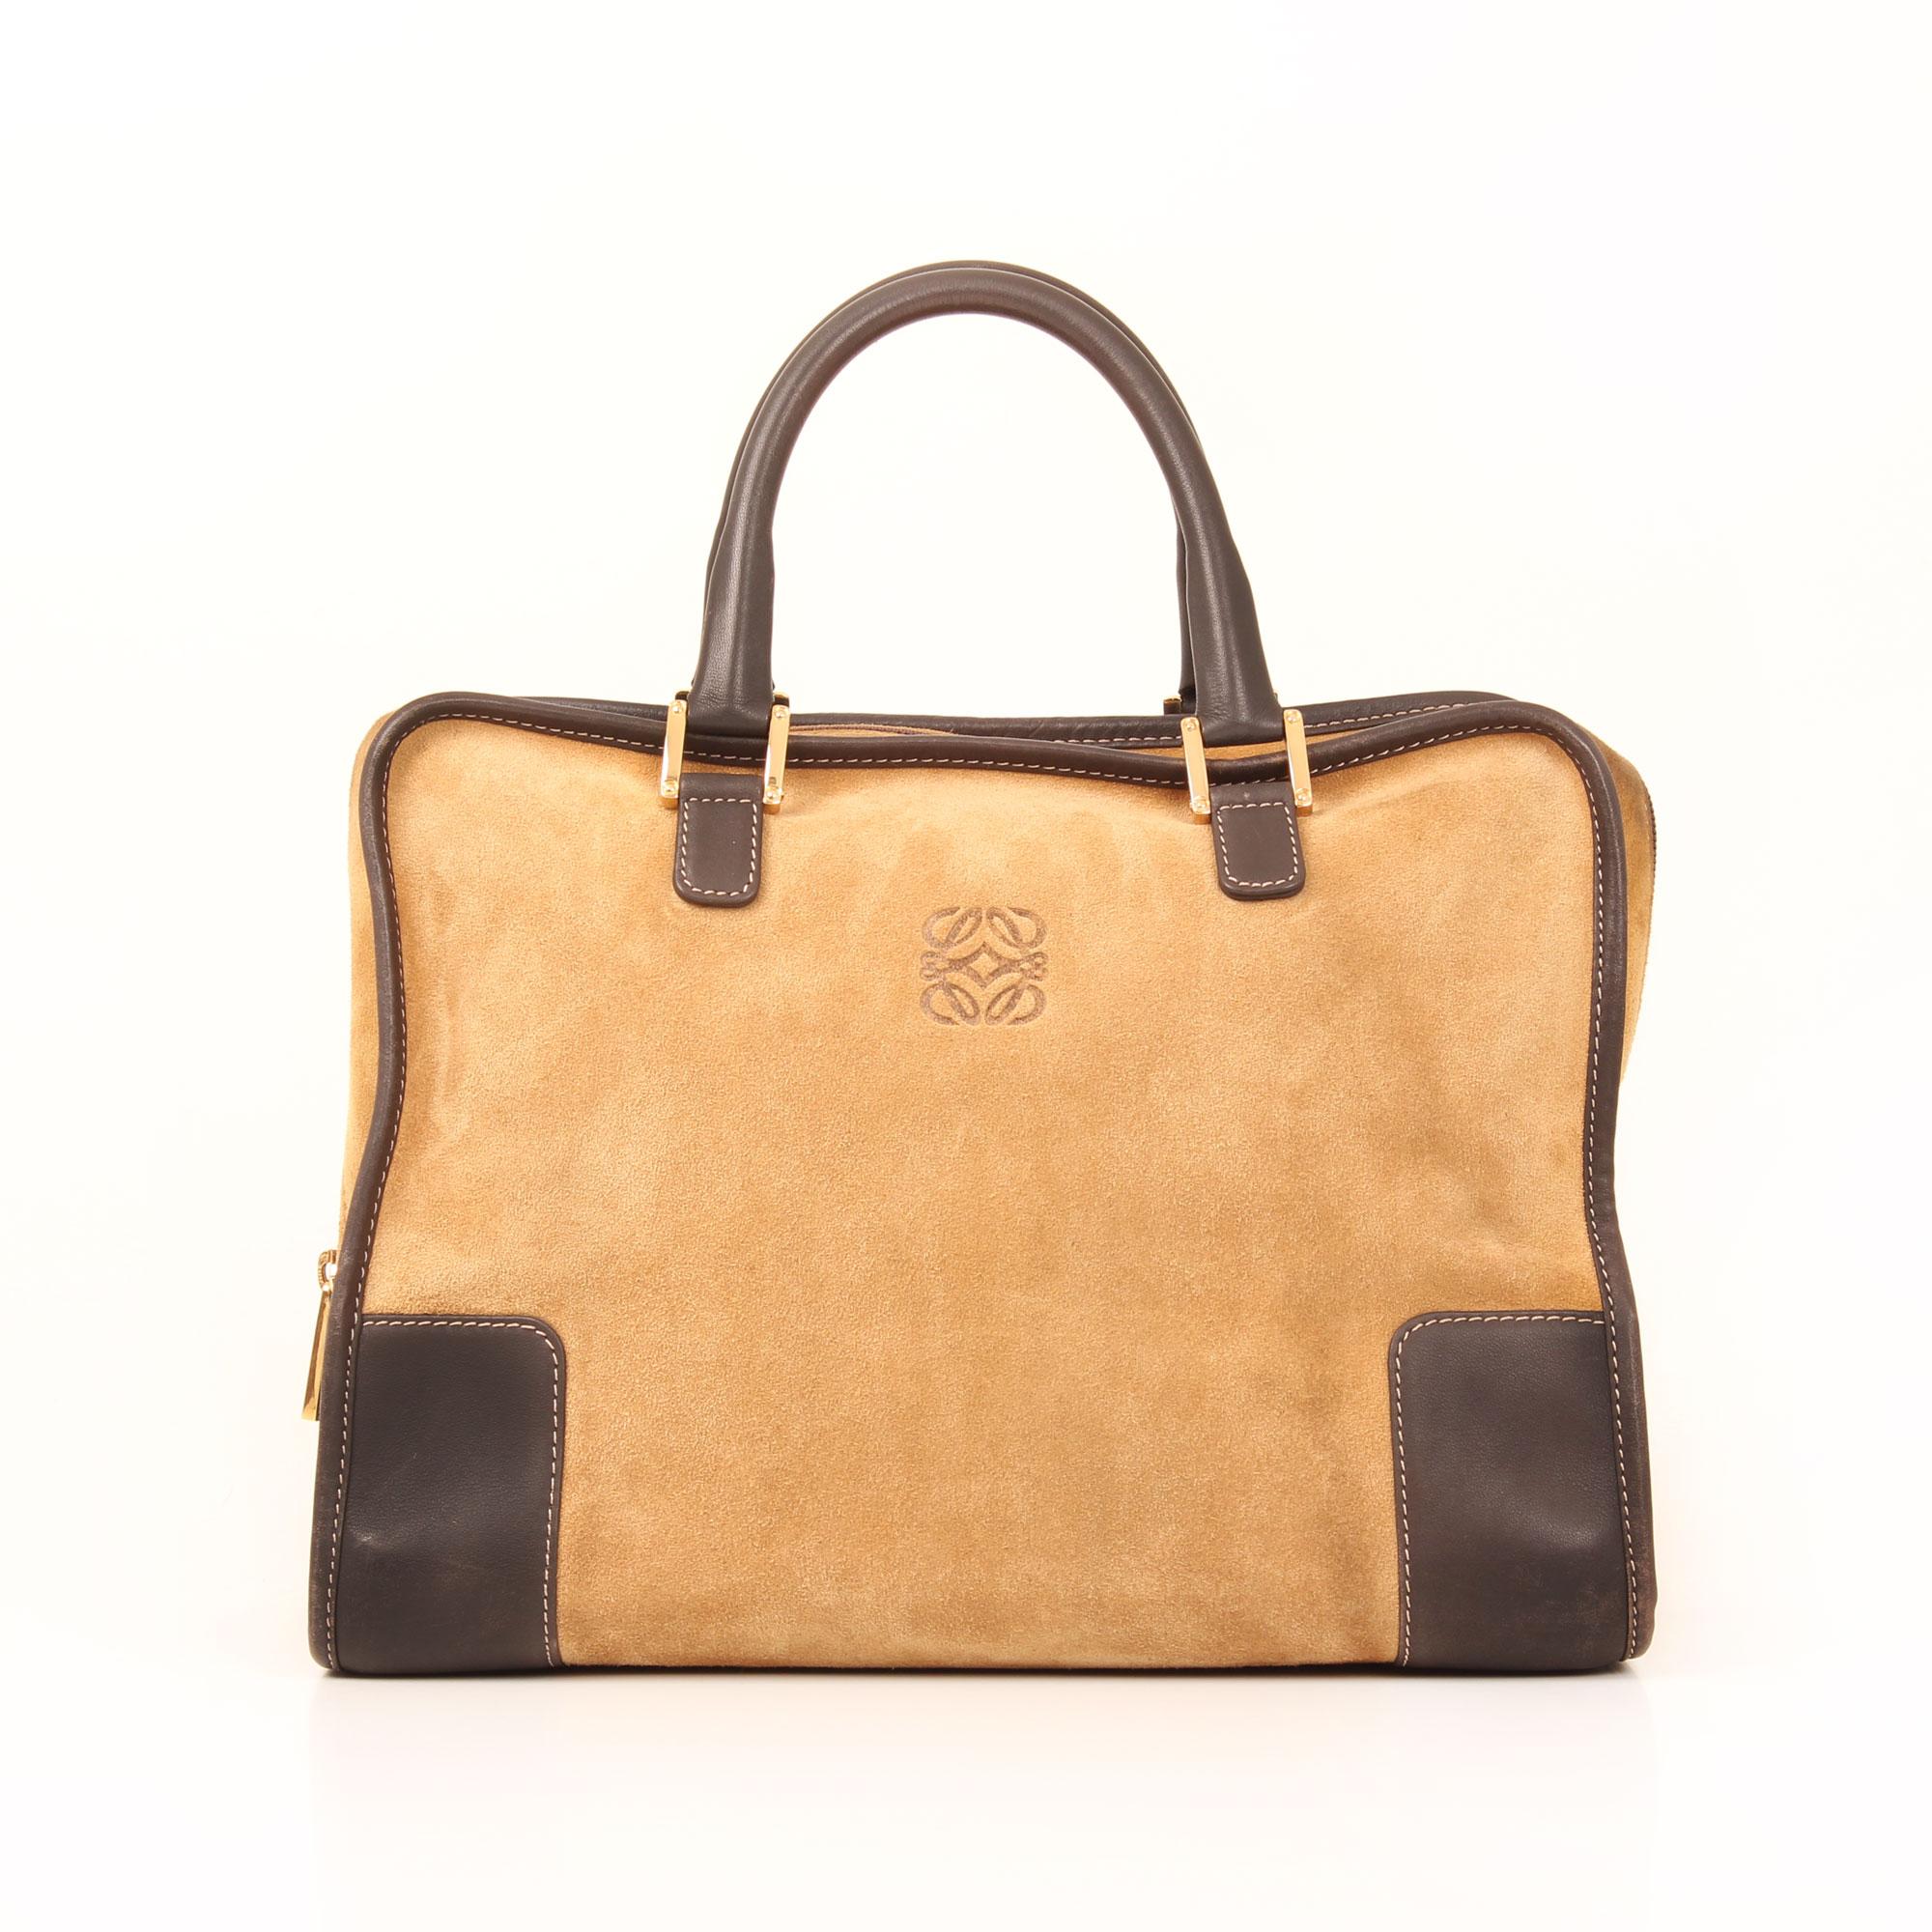 Front image of loewe amazona 32 suede beige bag